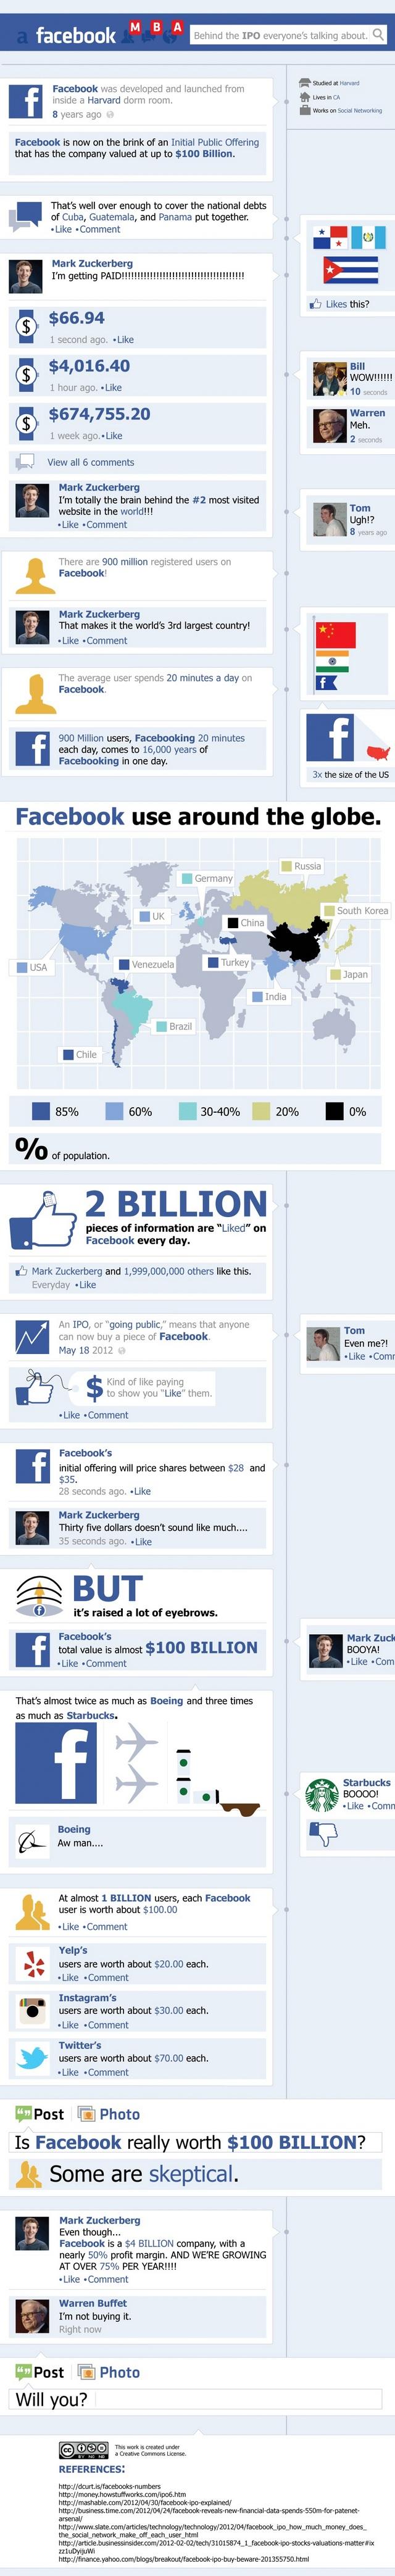 Історія IPO Facebook у стилі Timeline (інфографіка)